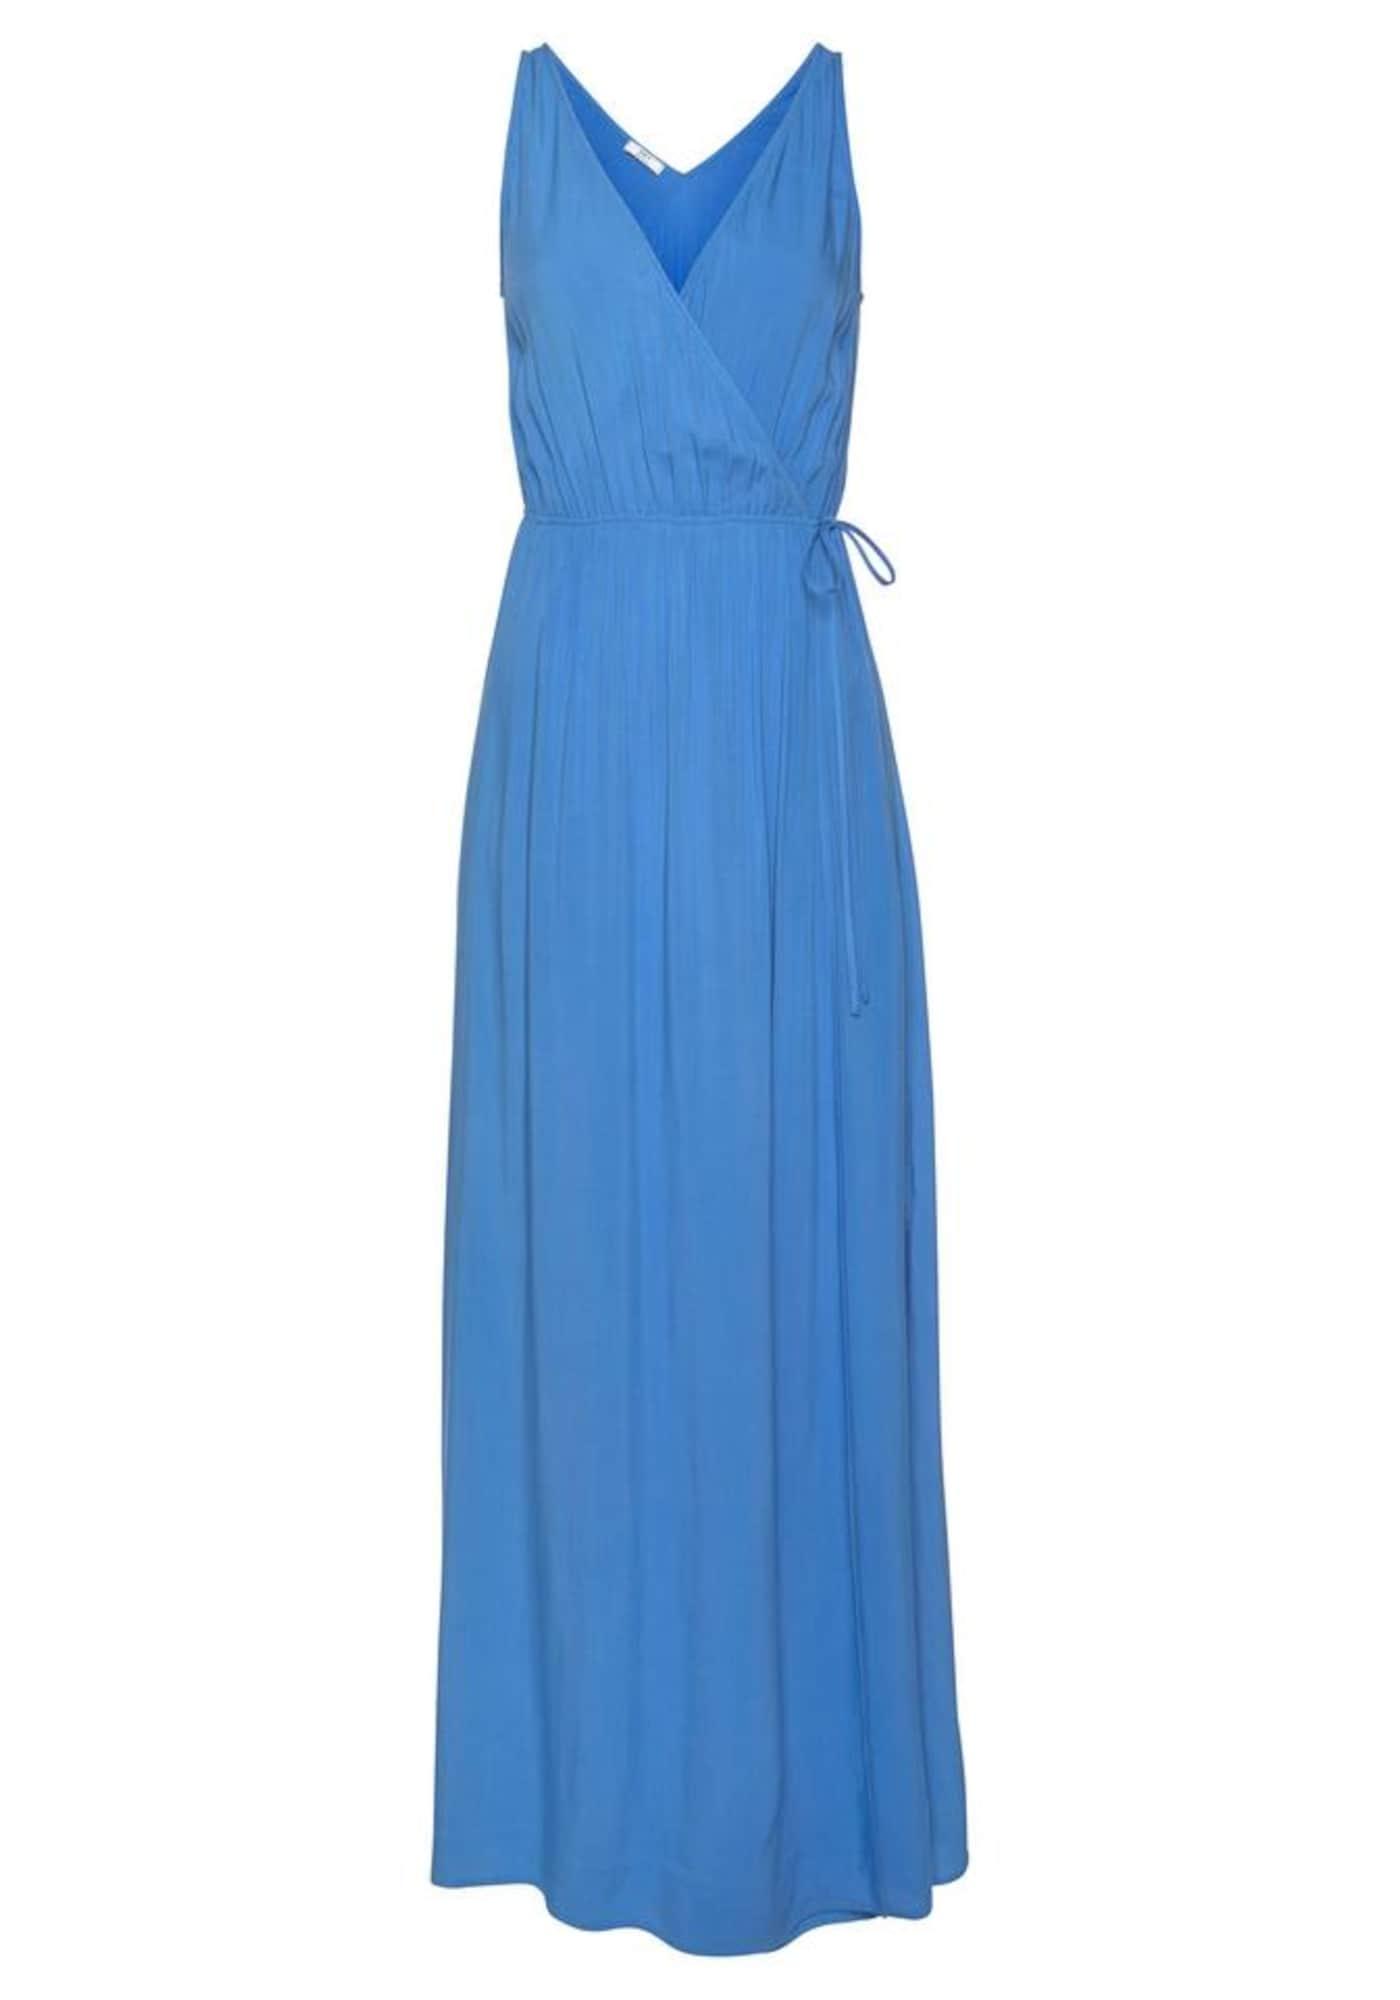 BUFFALO Vakarinė suknelė mėlyna